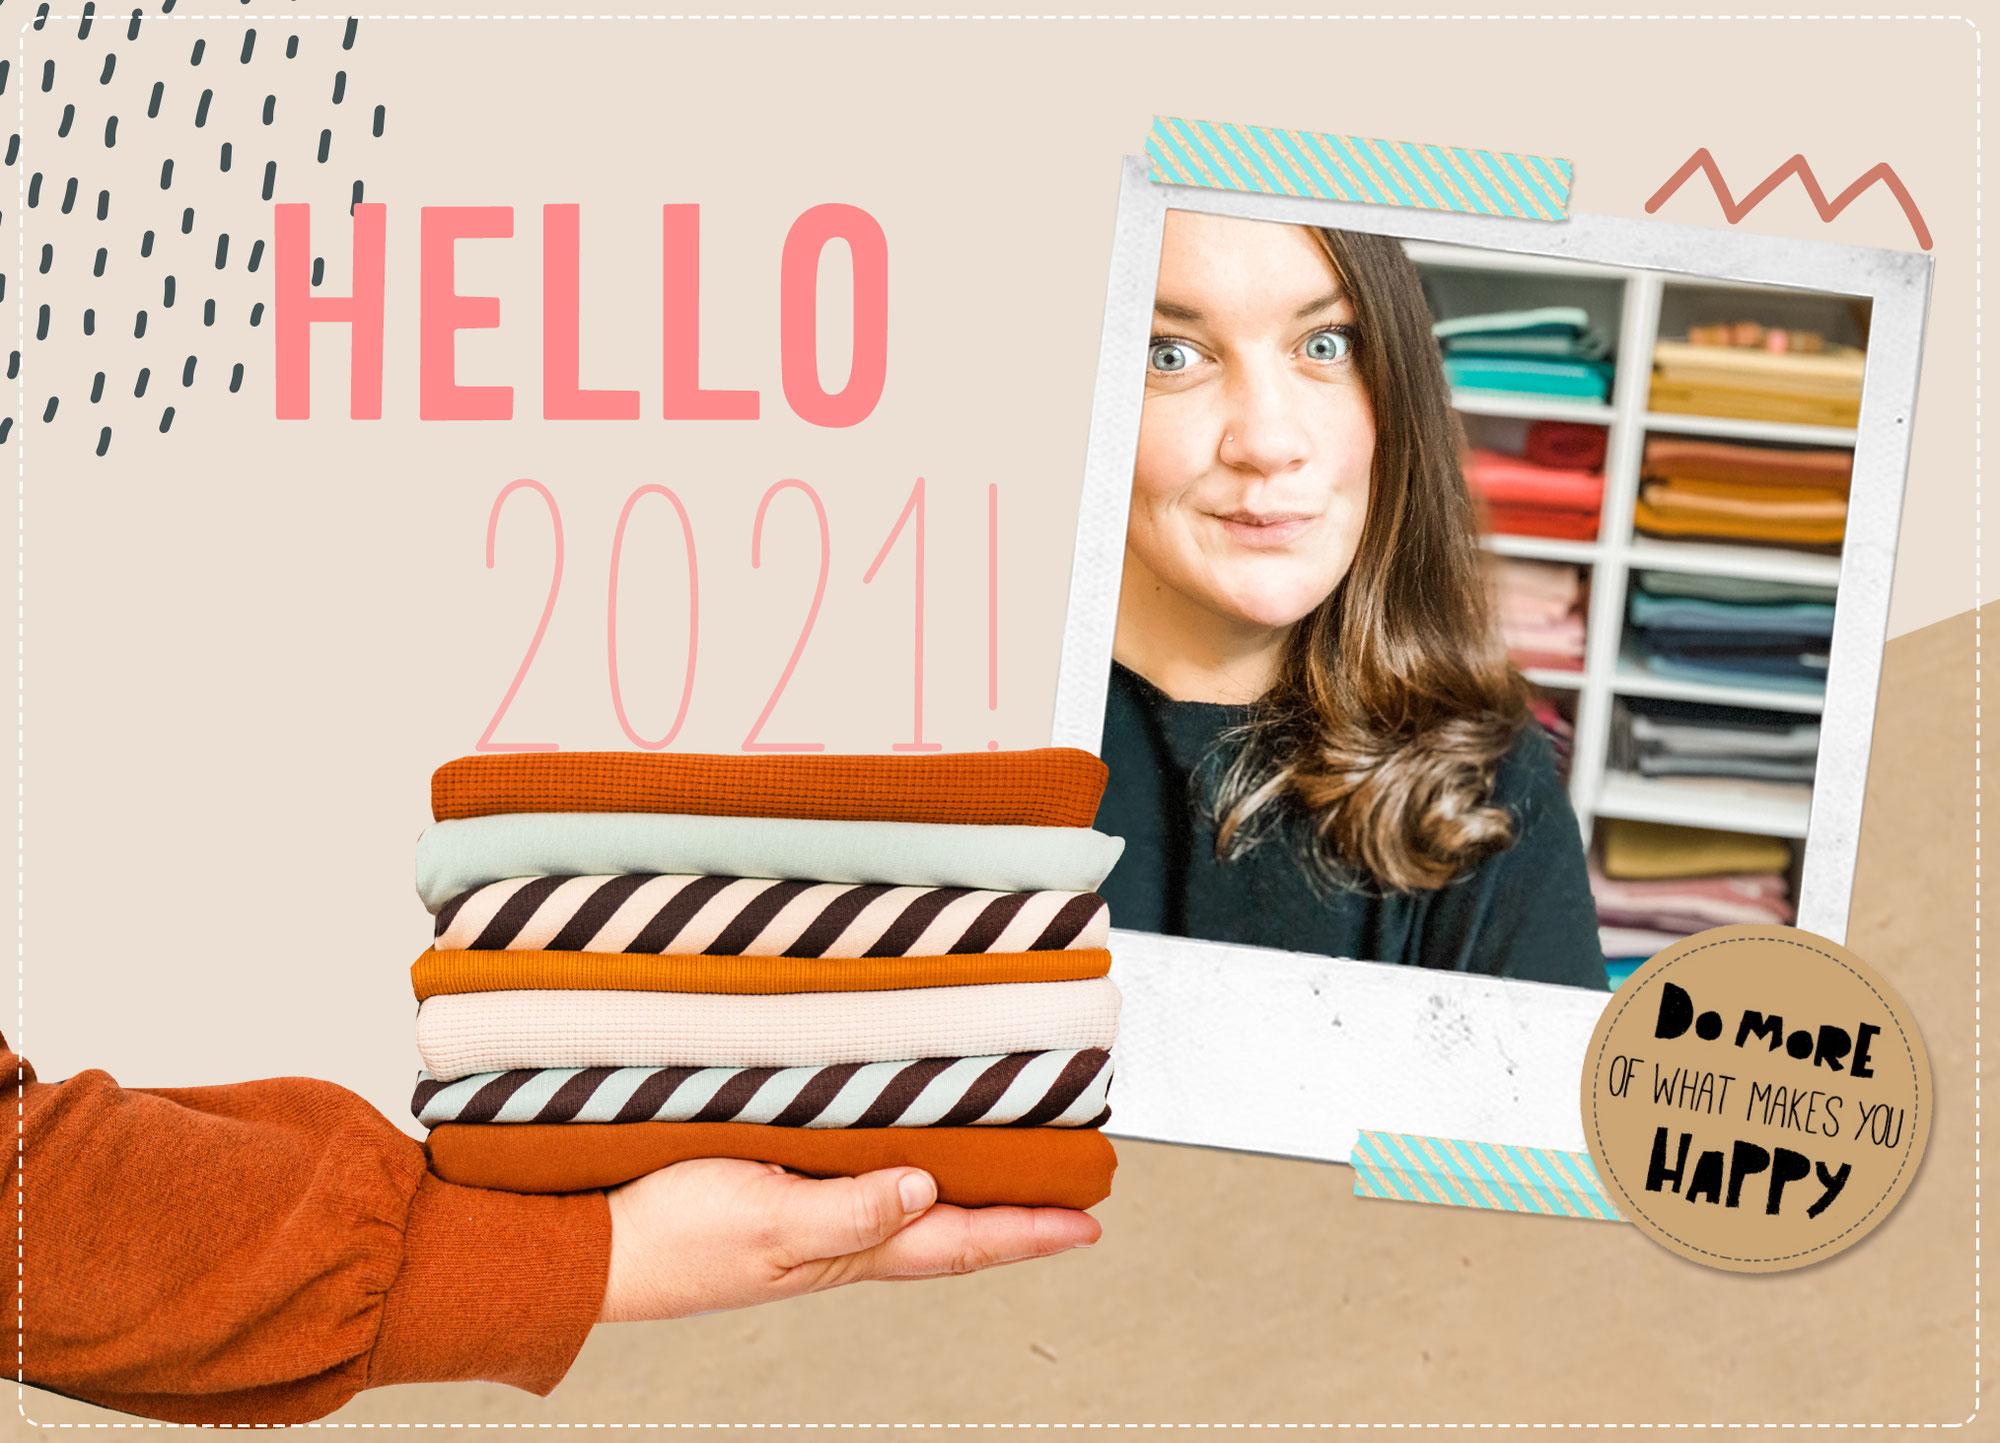 Neues von Lybstes: Hellooo 2021!